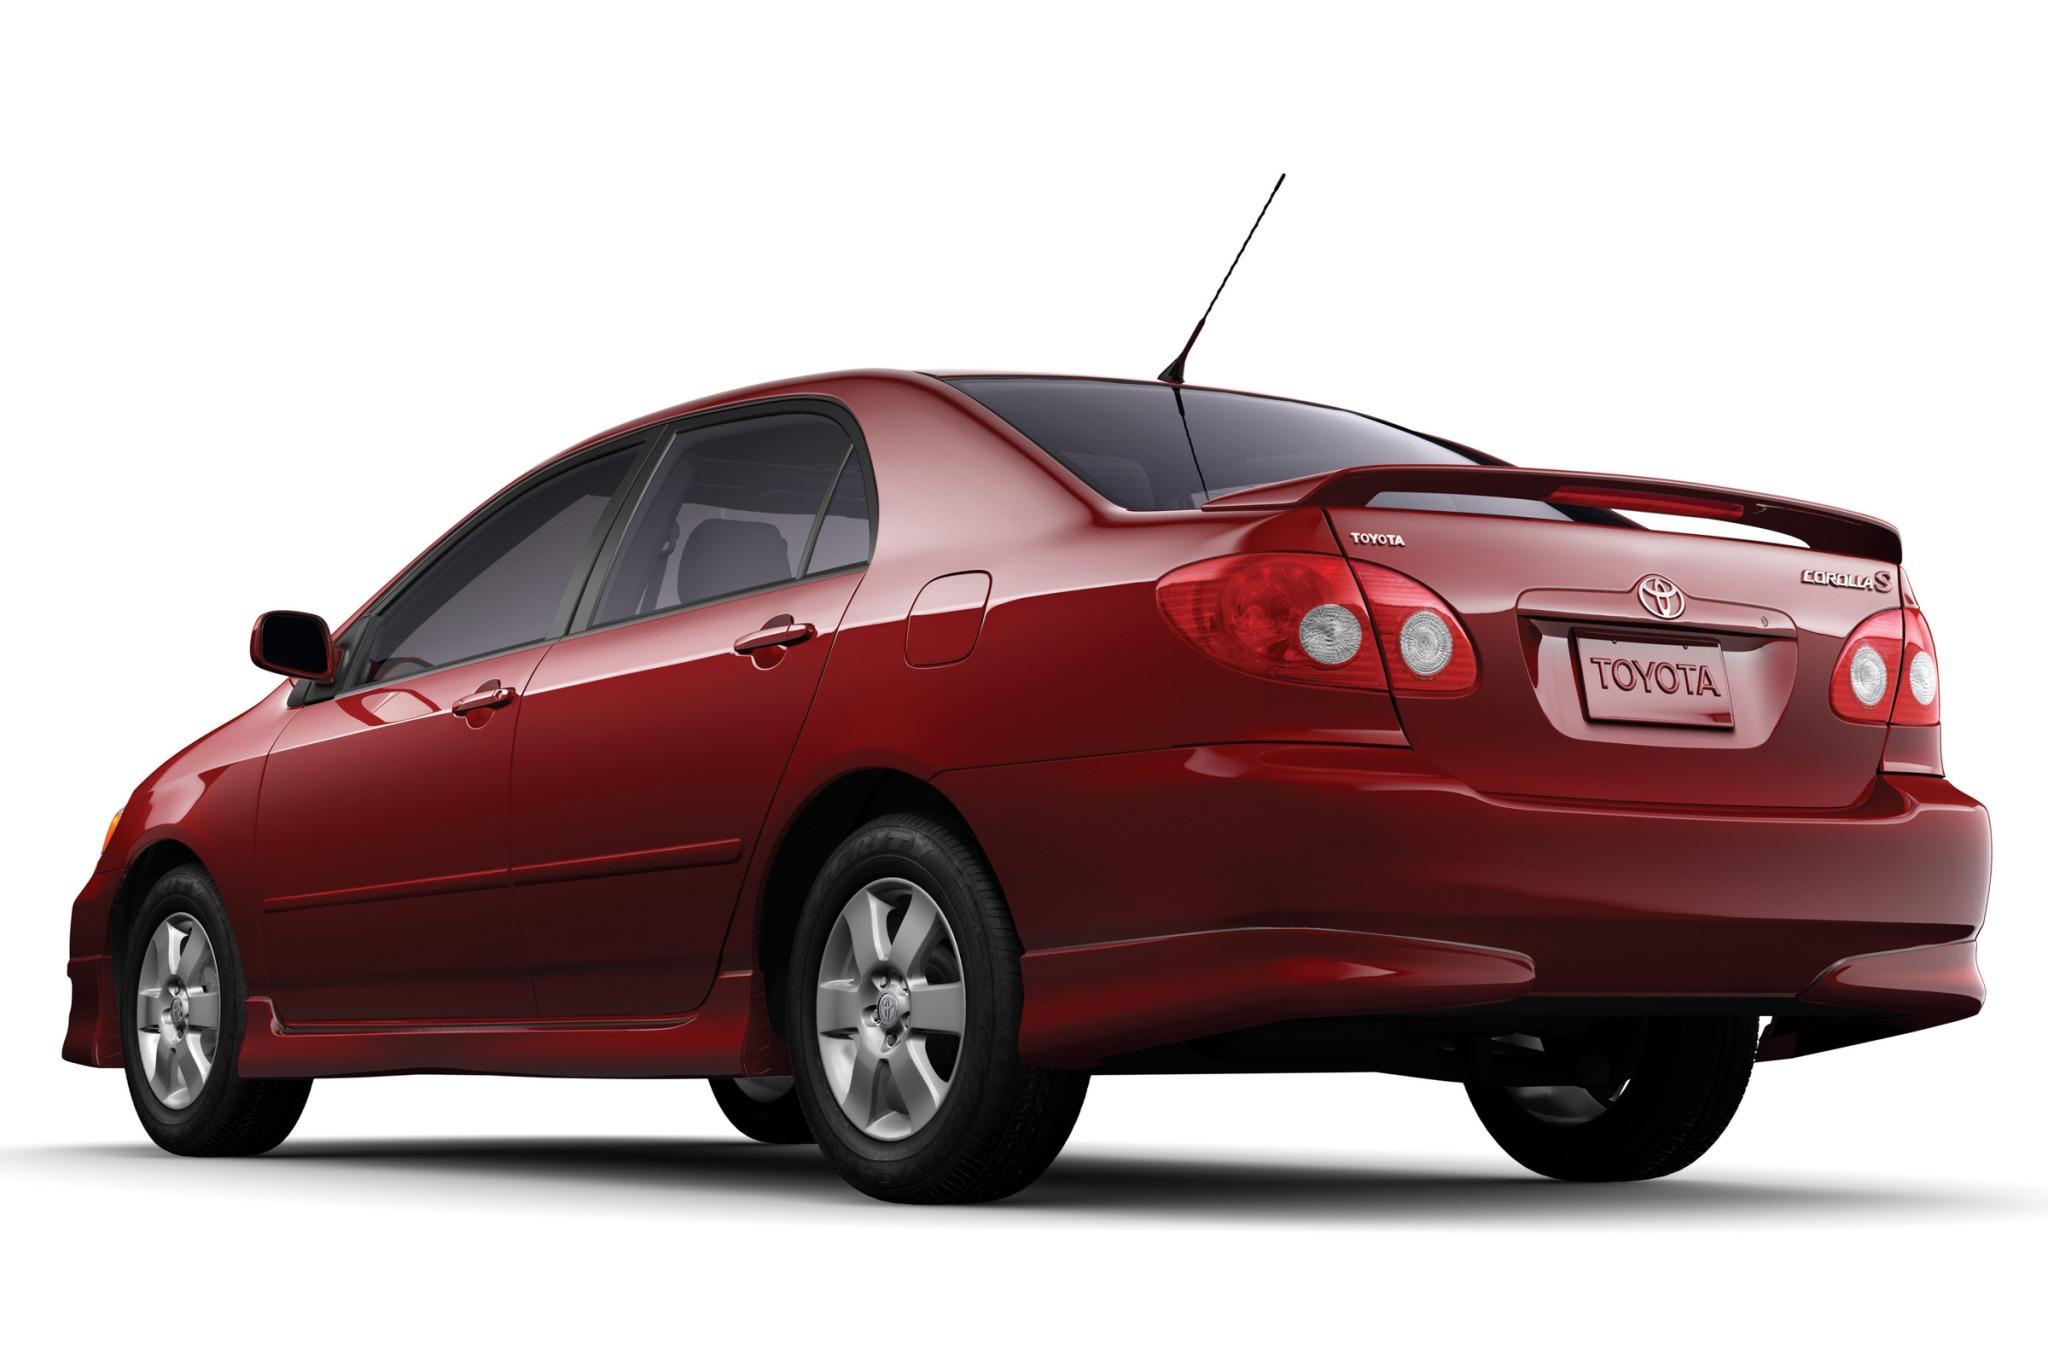 2007 Toyota Corolla Image 4